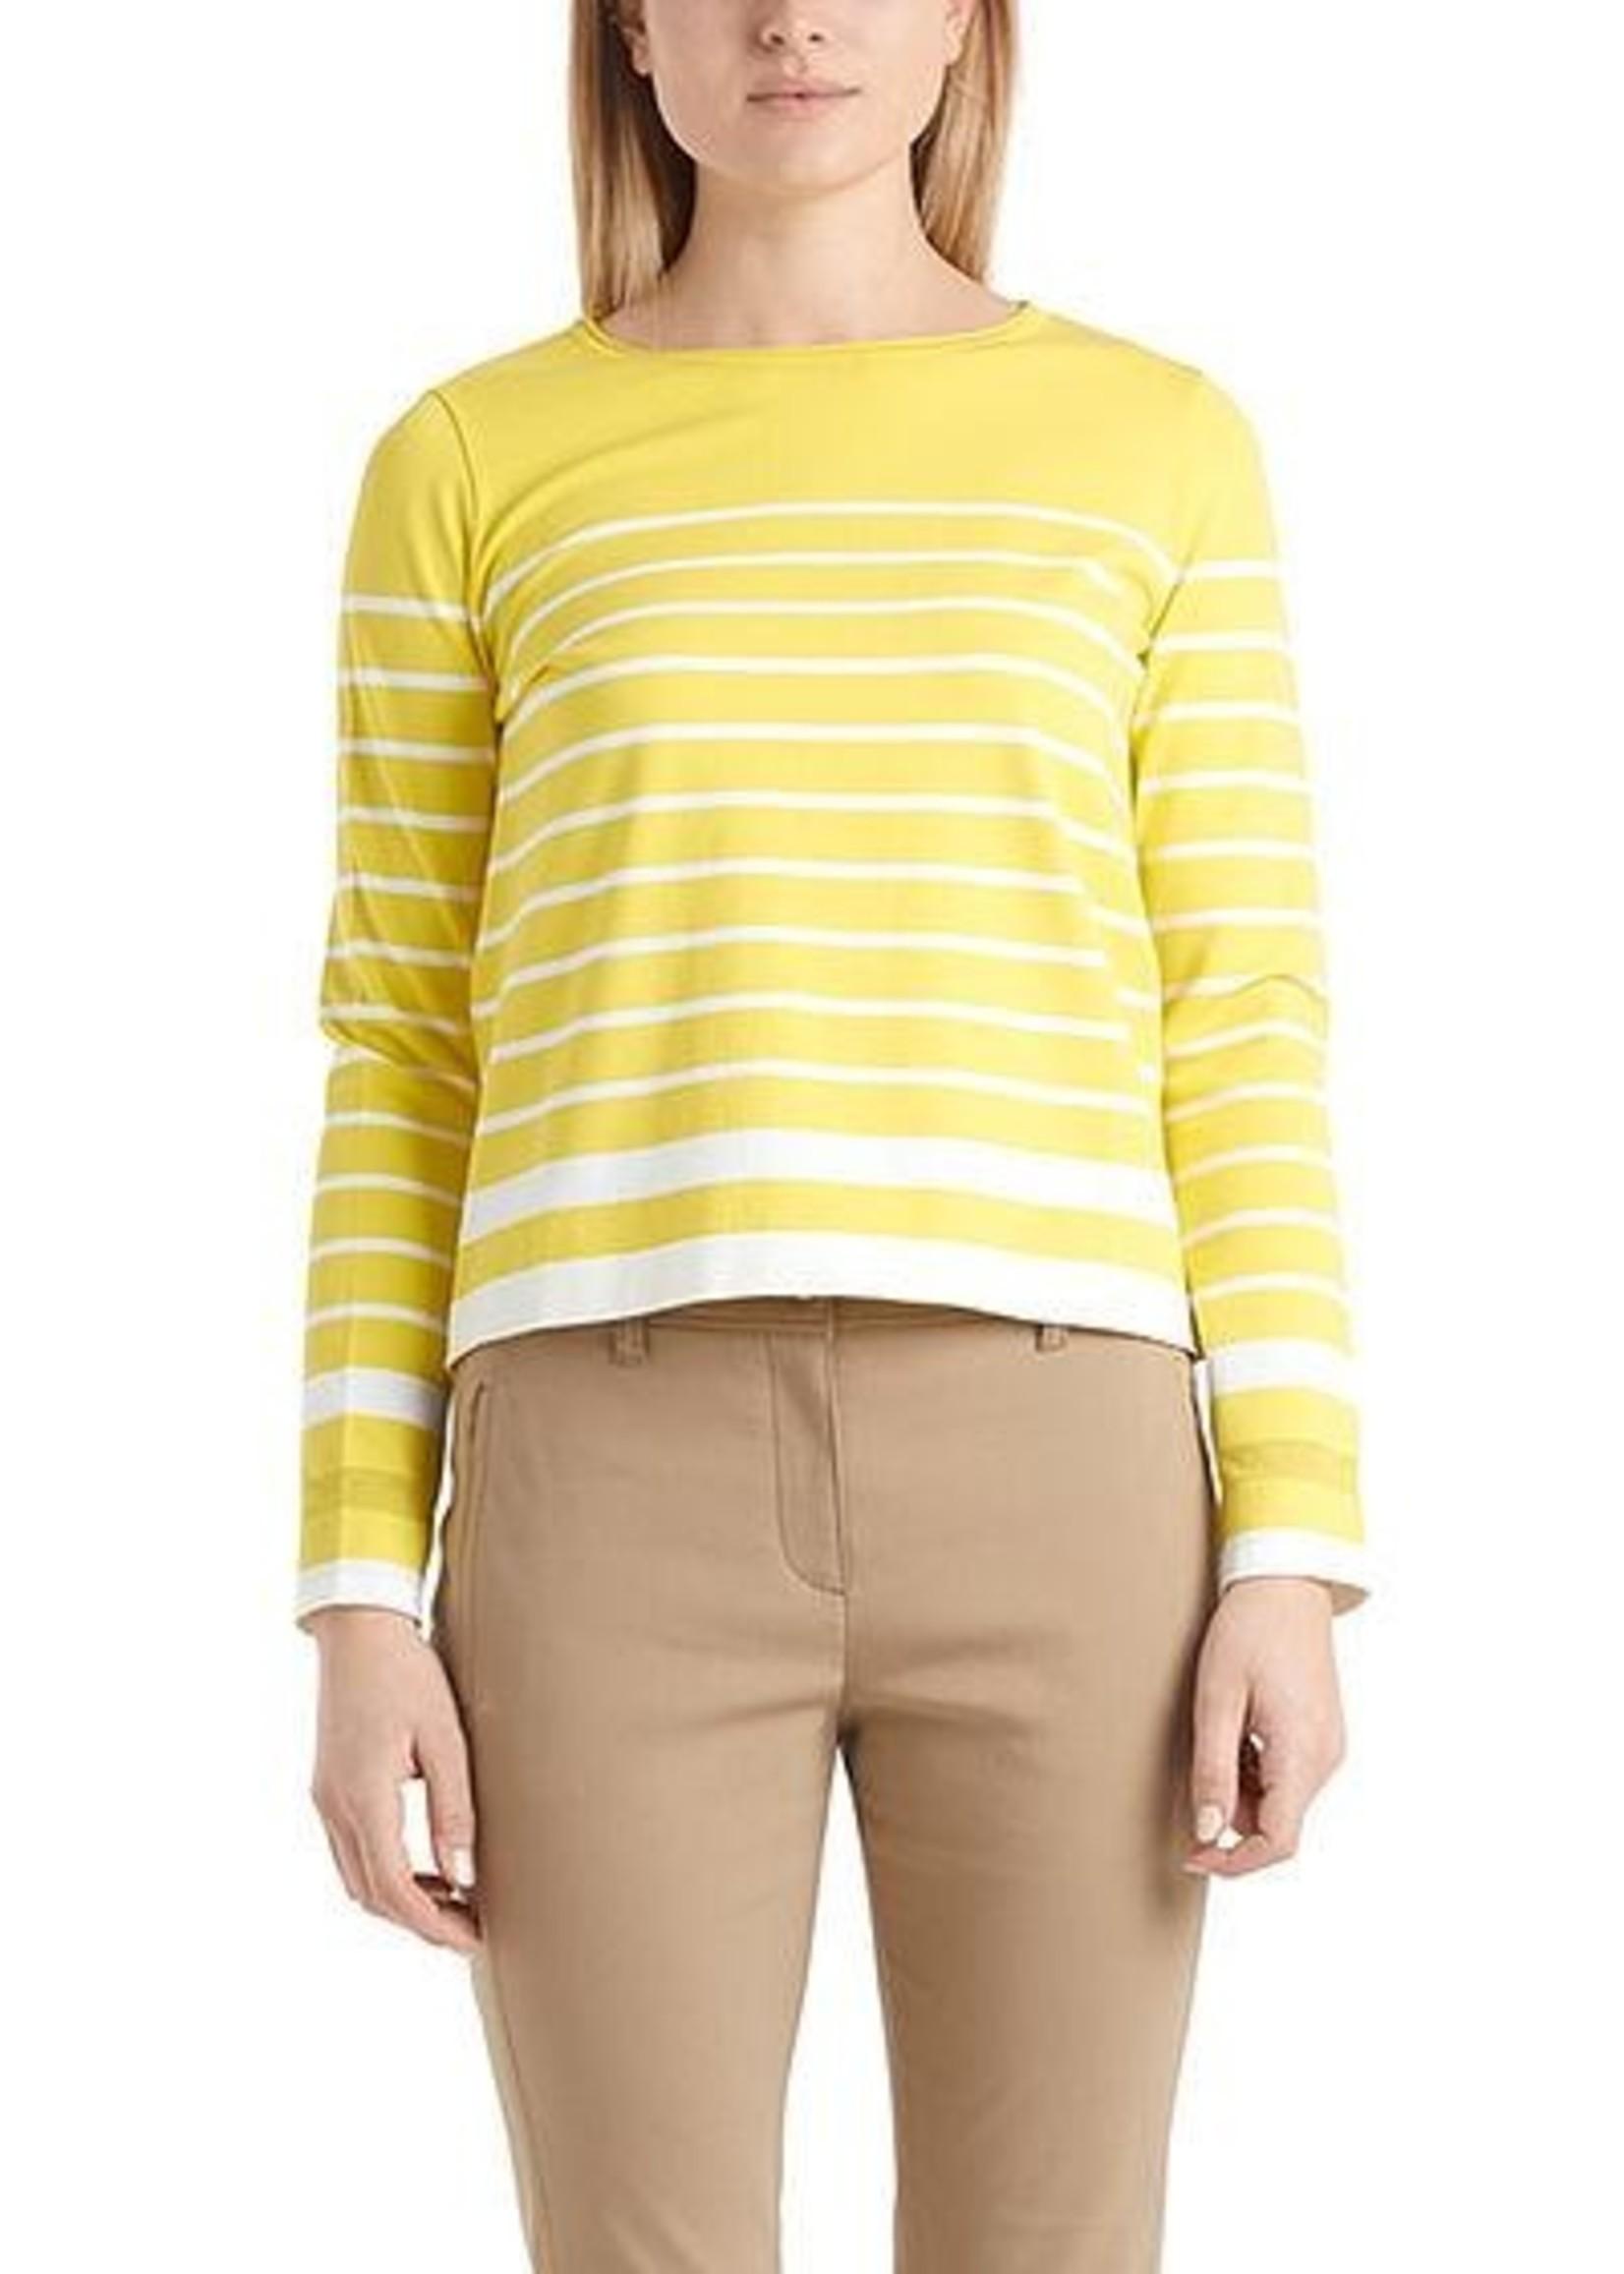 Sweater QS 41.14 M06